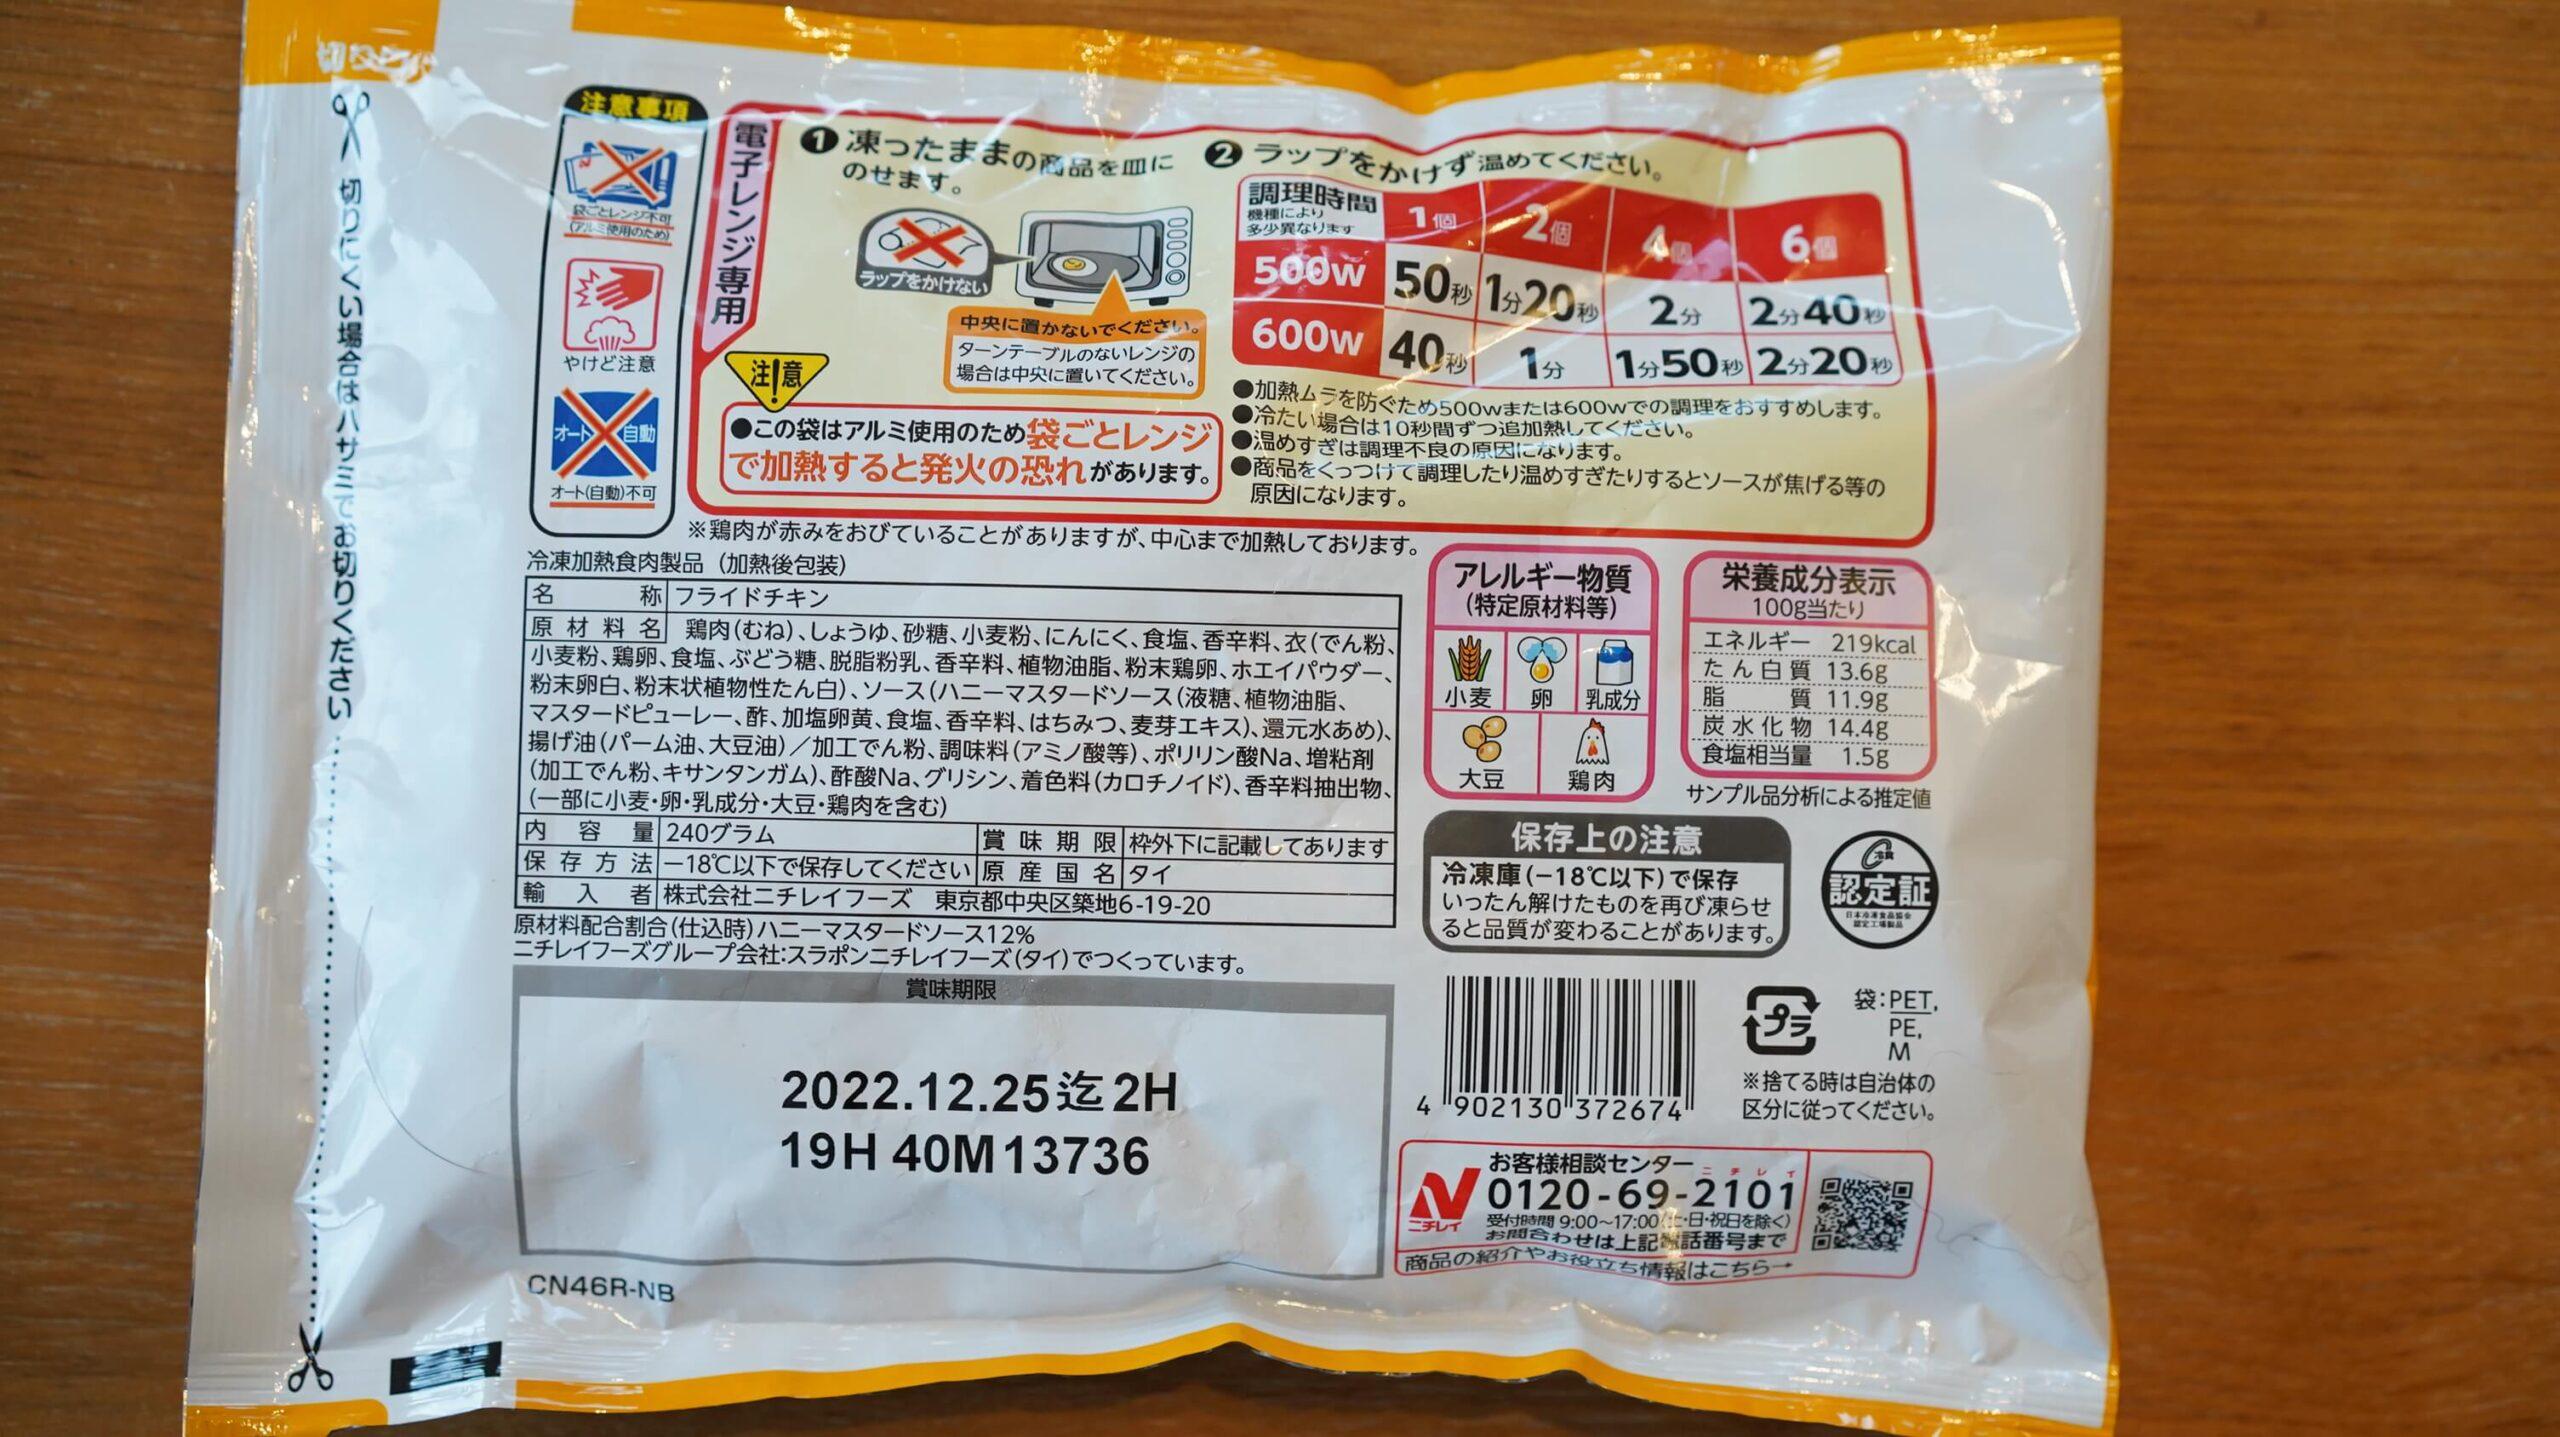 ニチレイの冷凍食品「ハニーマスタードチキン」のパッケージ裏面の写真